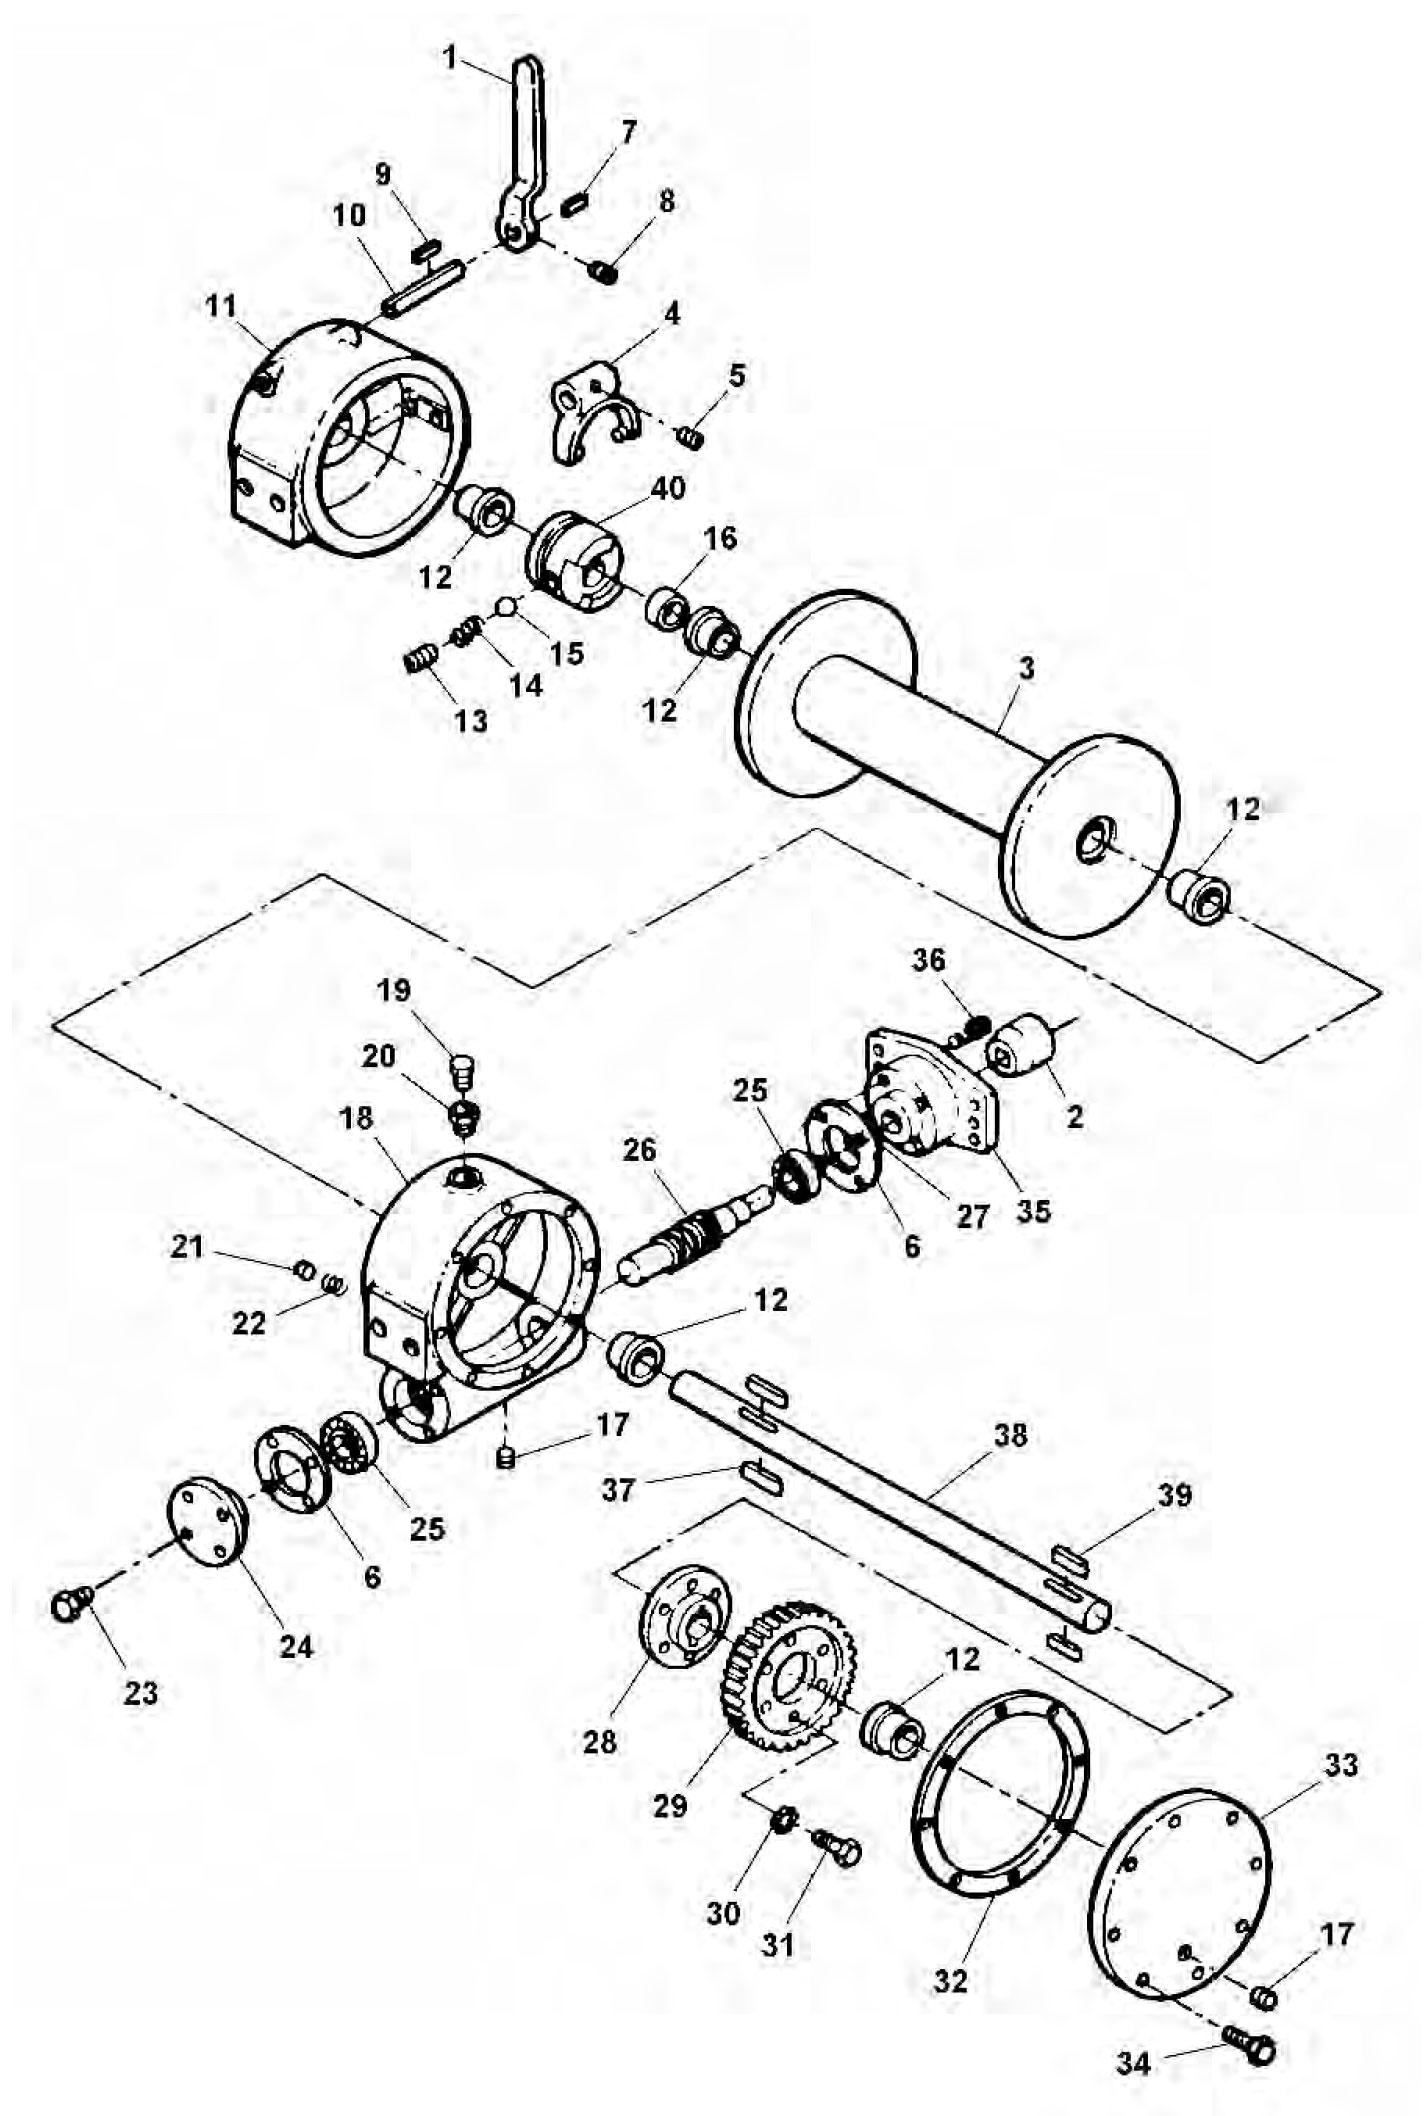 Hydraulic Winch Diagram - All Wiring Diagram